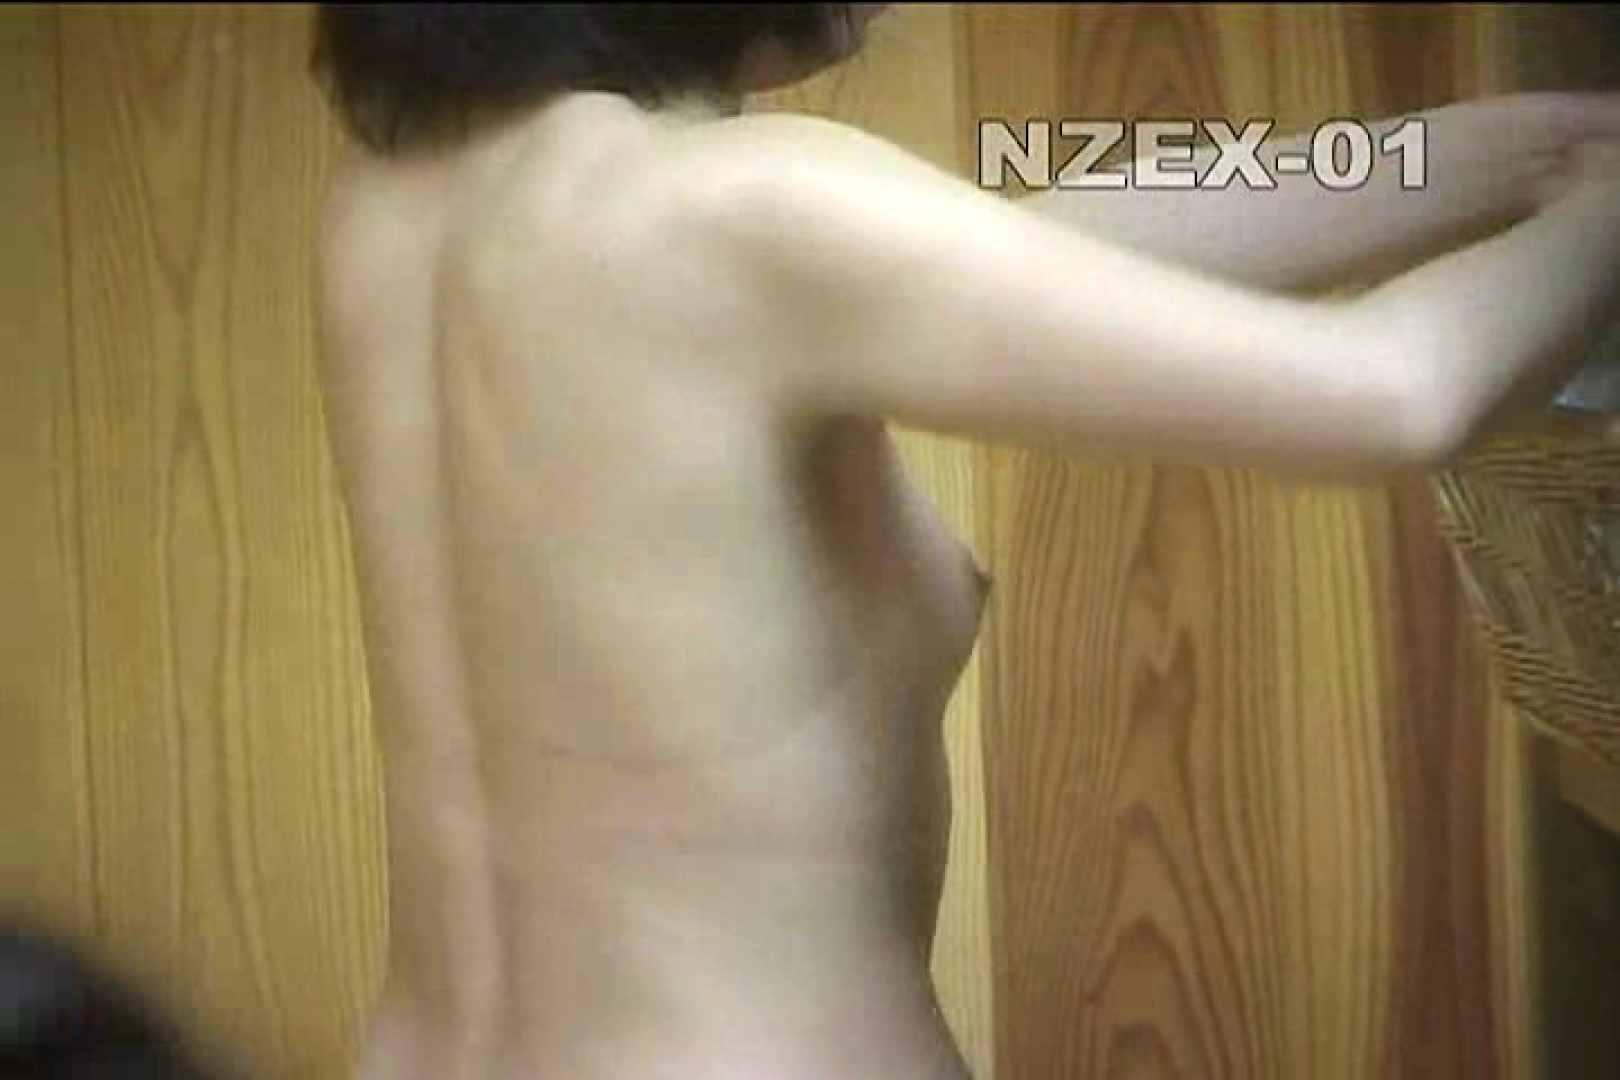 覗き穴 nzex-01_01 プライベート投稿 のぞき動画画像 90PIX 27